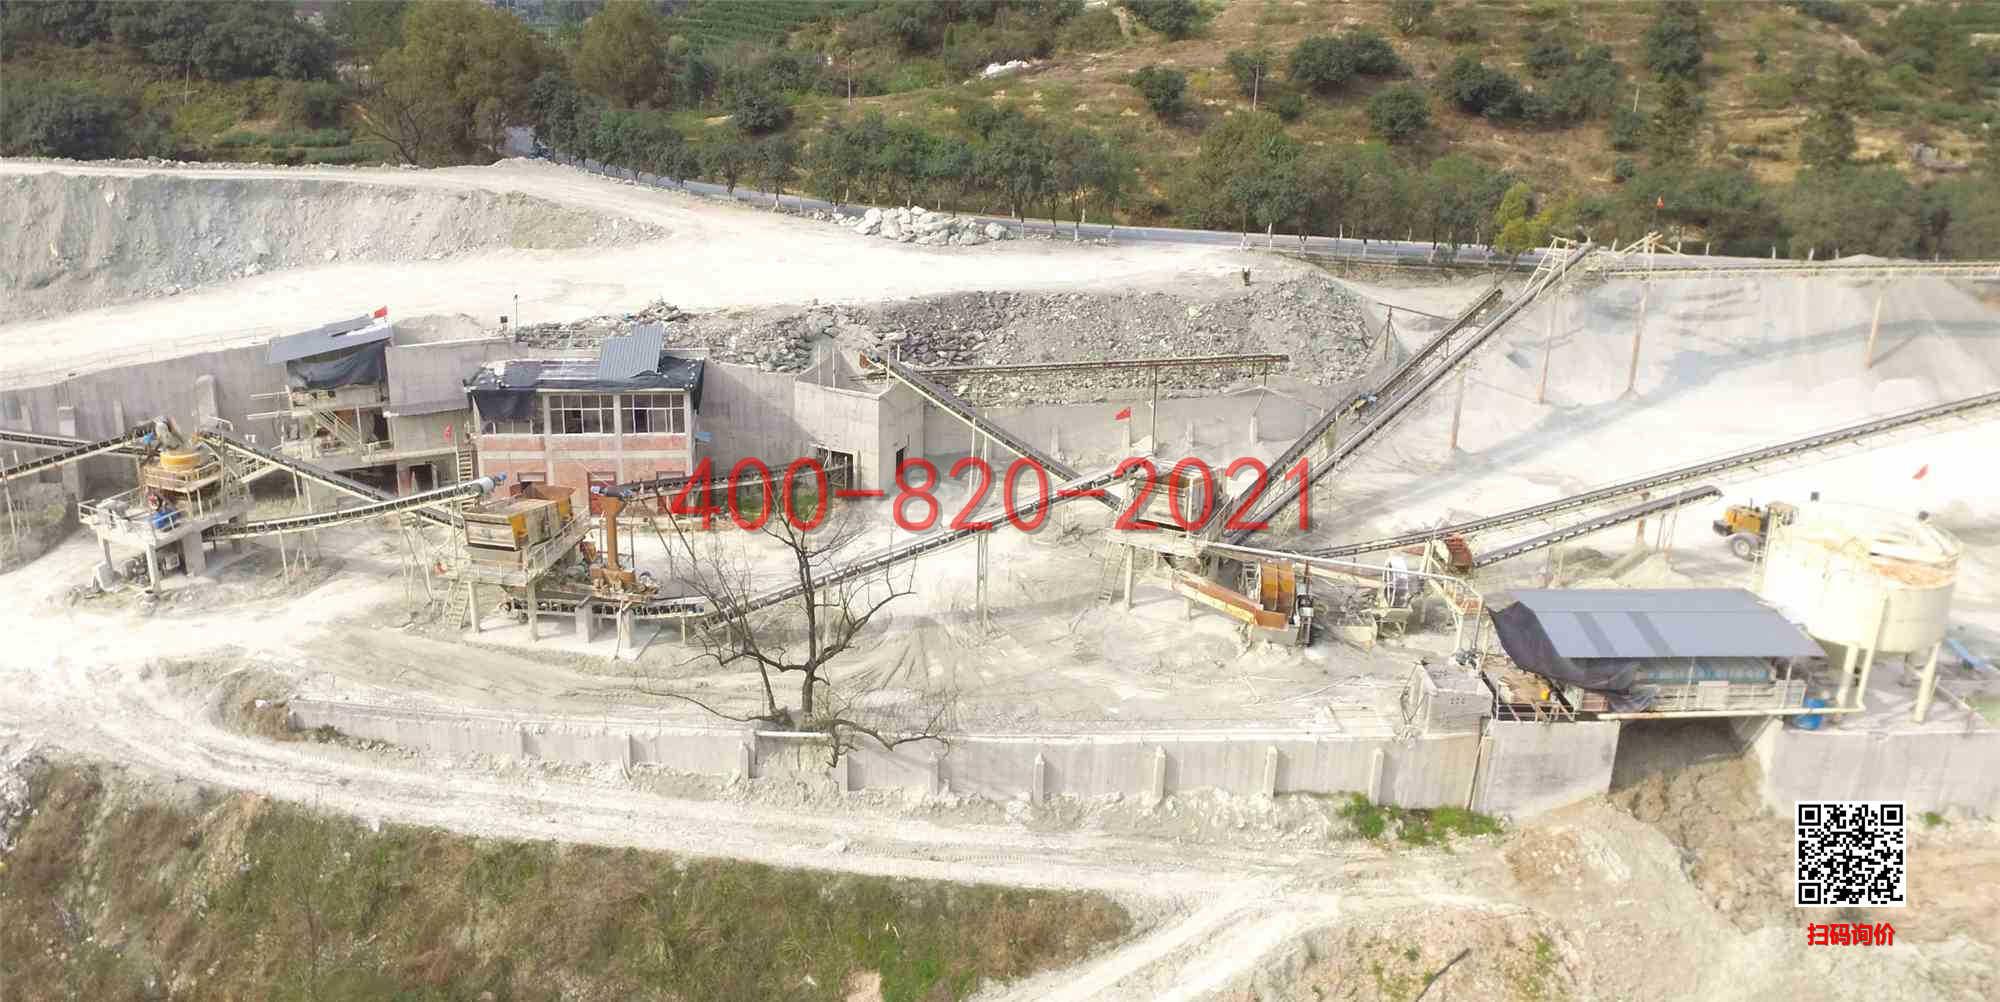 <b>【破碎机设备】中央规定省政府可决定采砂国营,来源证明全国通用!</b>